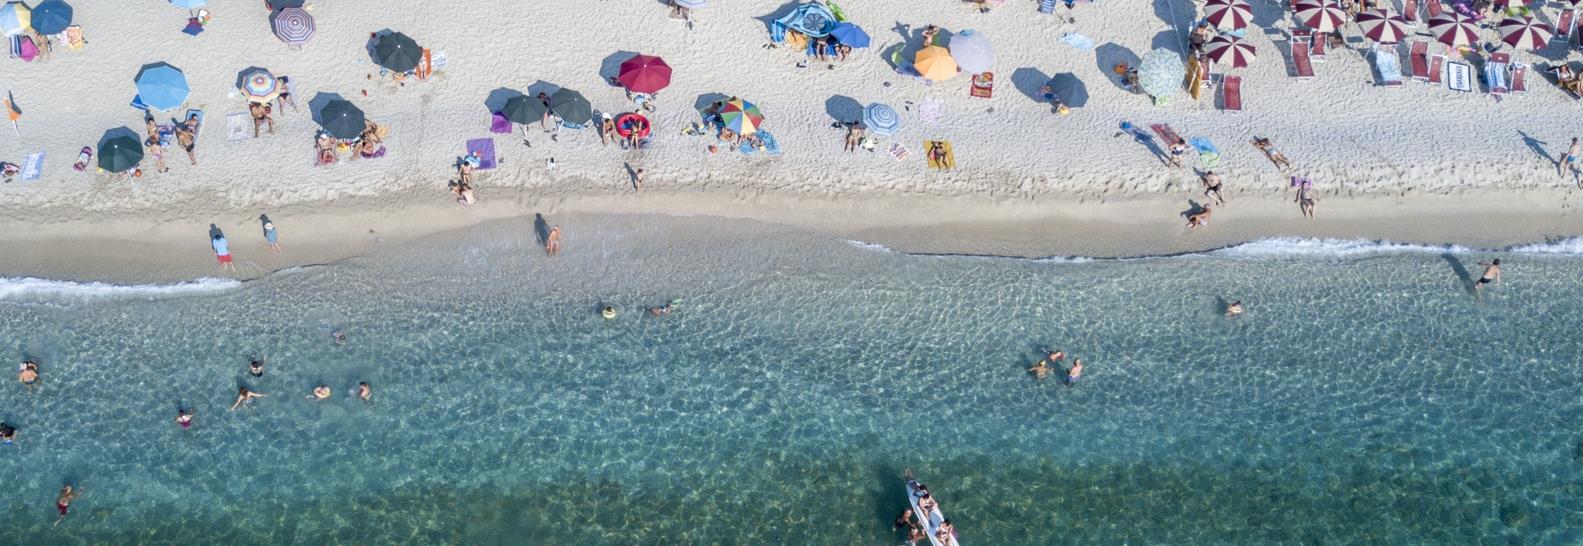 Strand von Zambrone in Kalabrien von oben aus gesehen